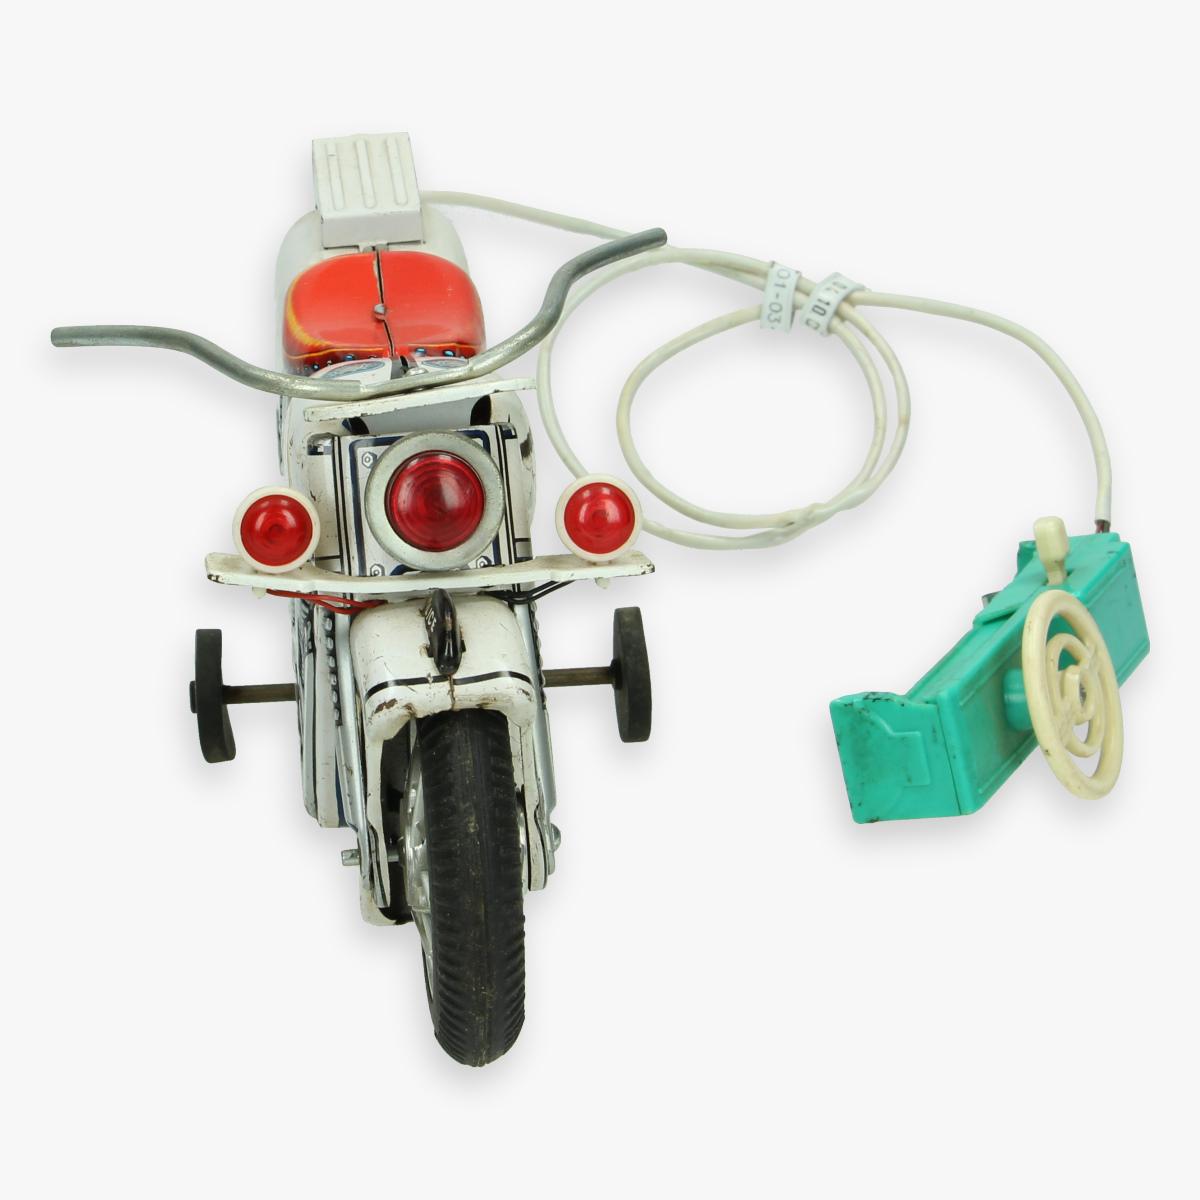 Afbeeldingen van blikken motor modern toys made in Japan 30 cm (mist stukje van de afstandsbediening)